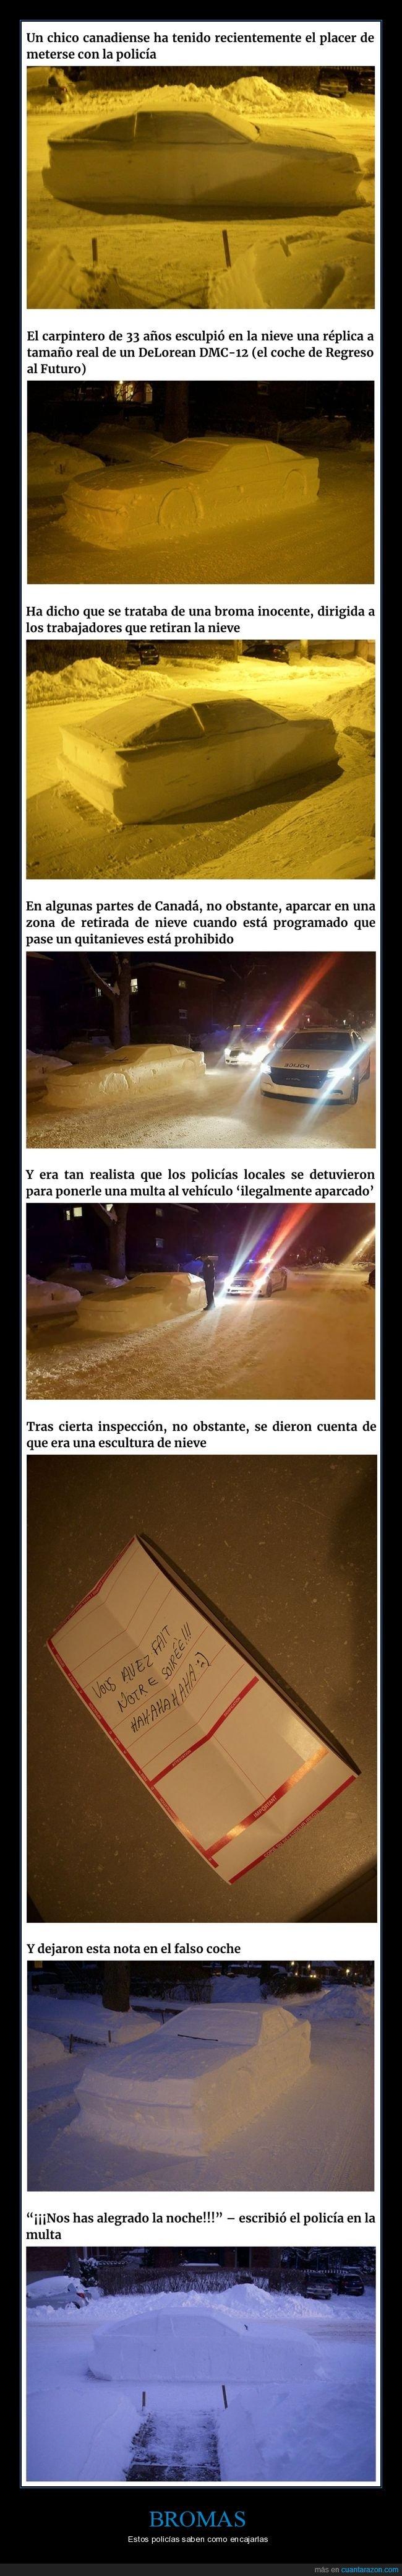 coche,multa,nieve,policía